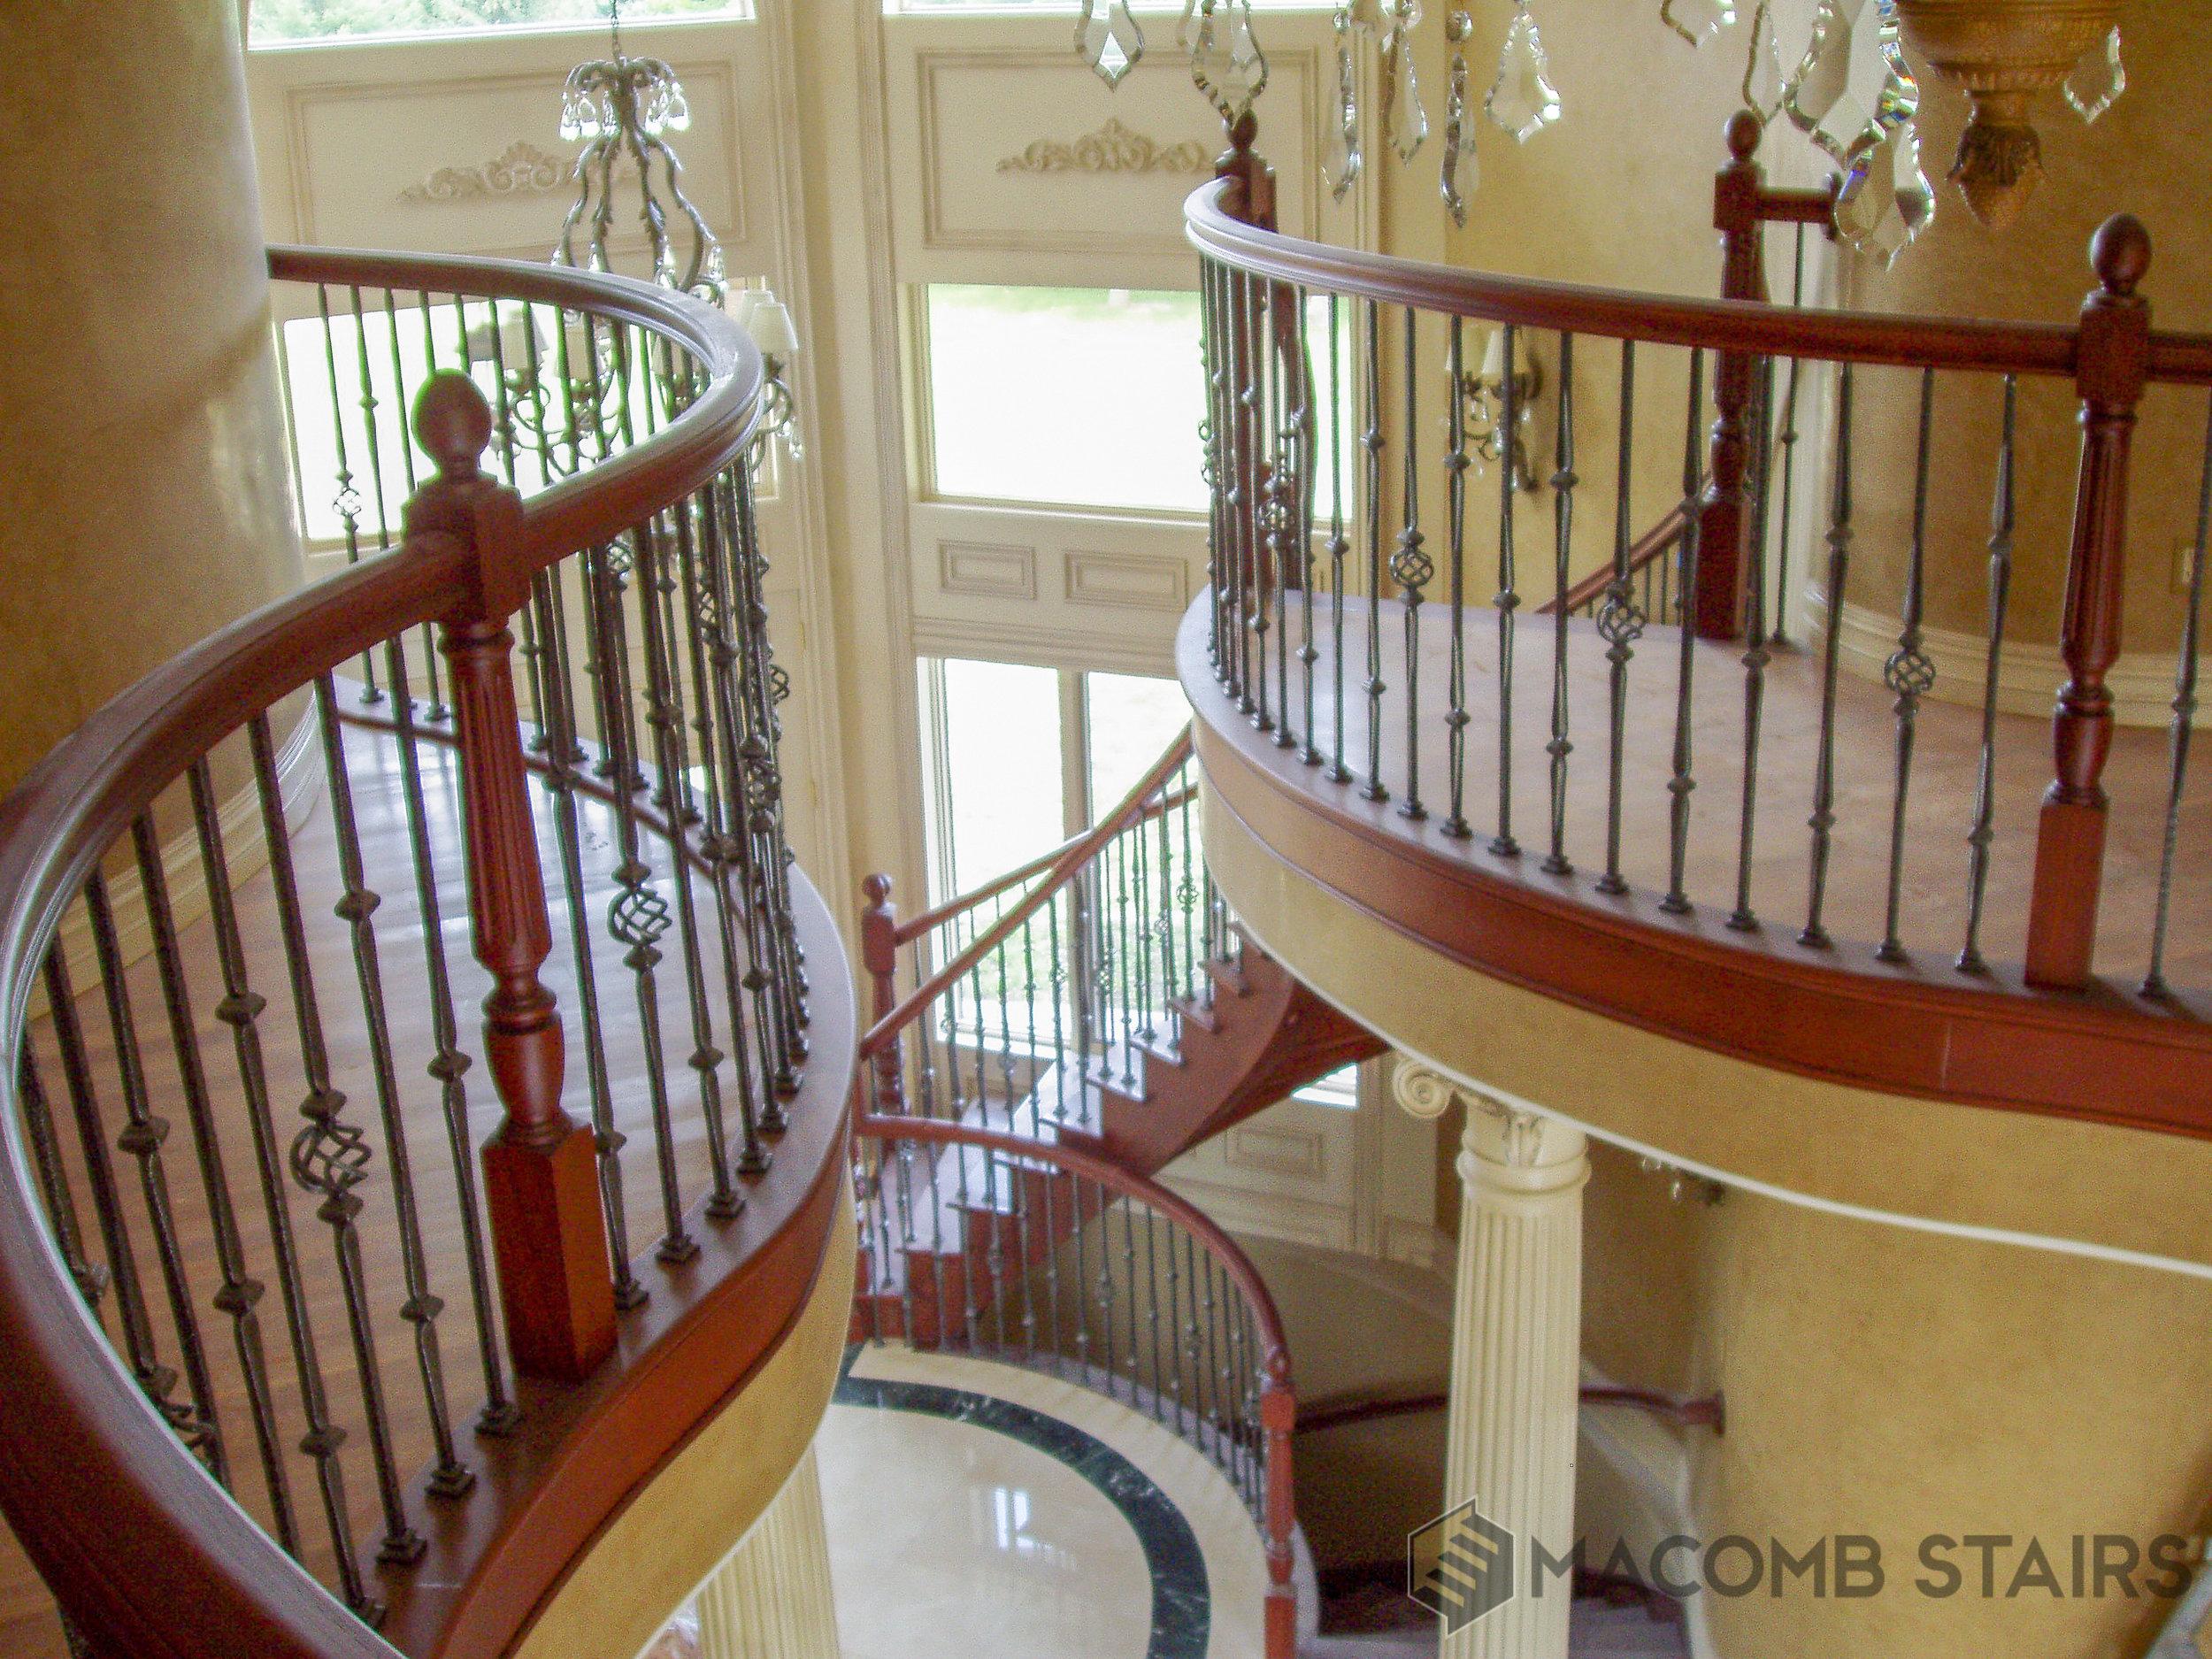 Macomb Stairs- Stair Photo-99.jpg